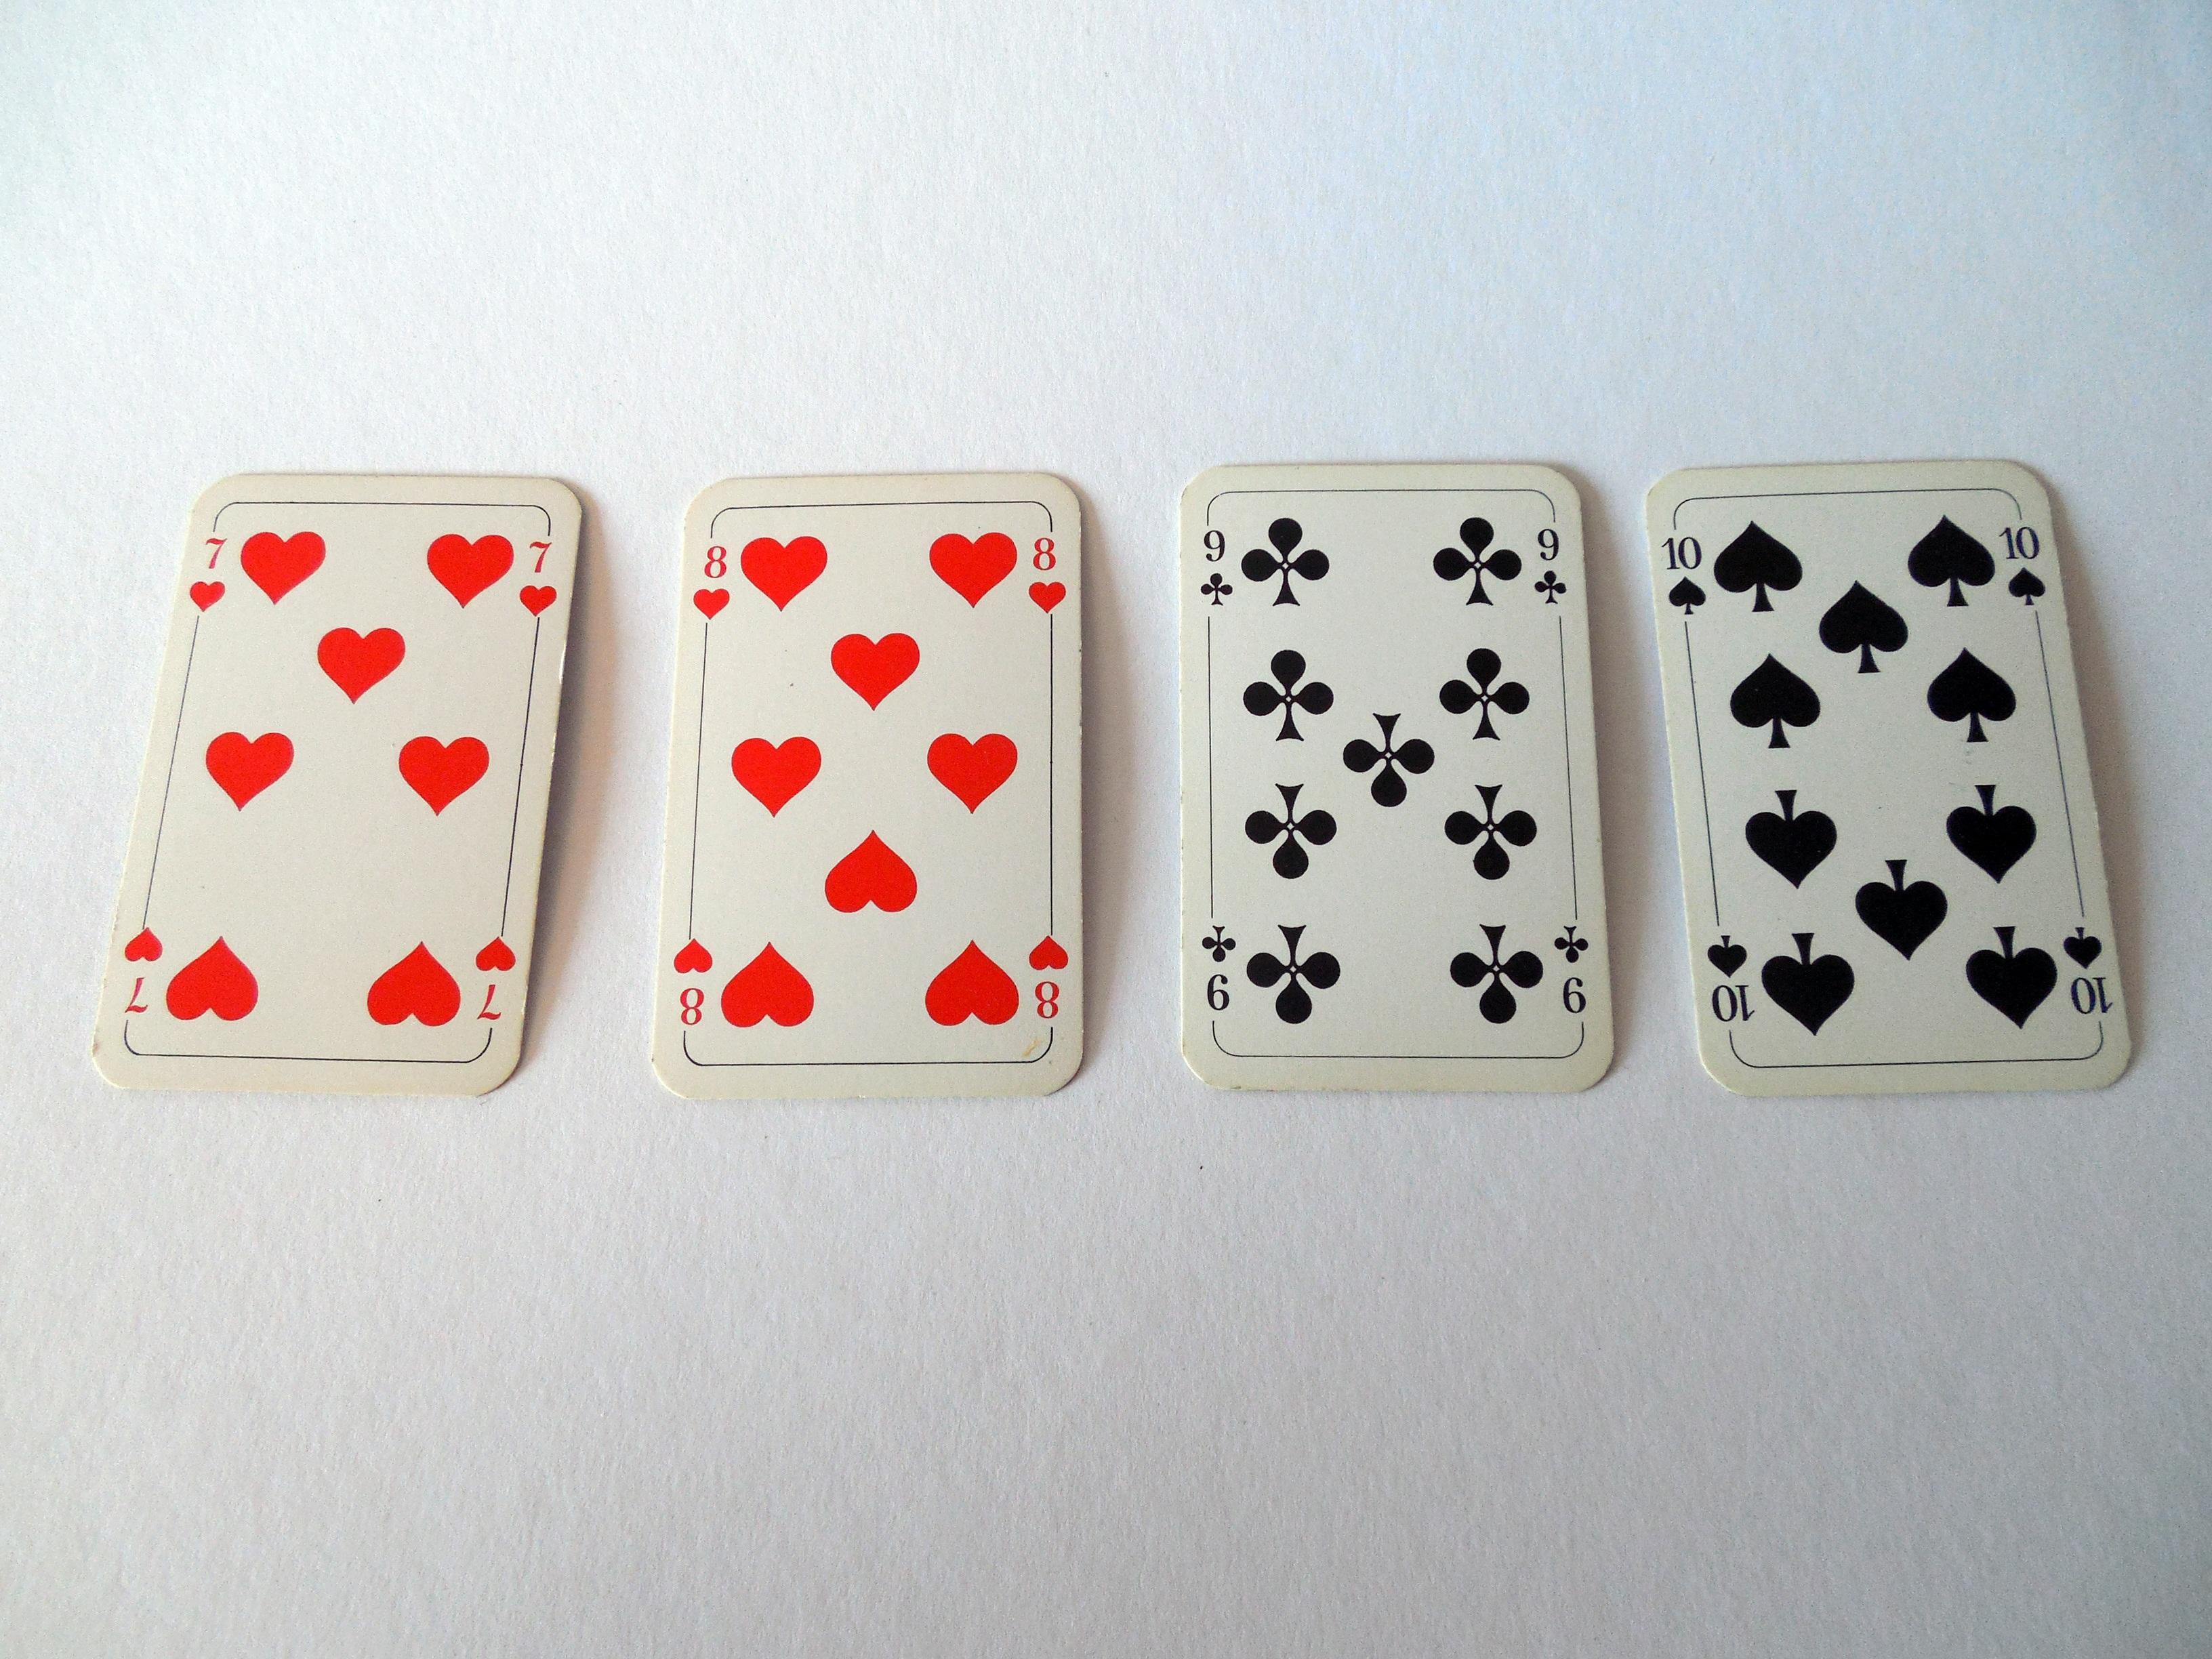 Скачать игры азартные карты тизерная реклама азартные игры